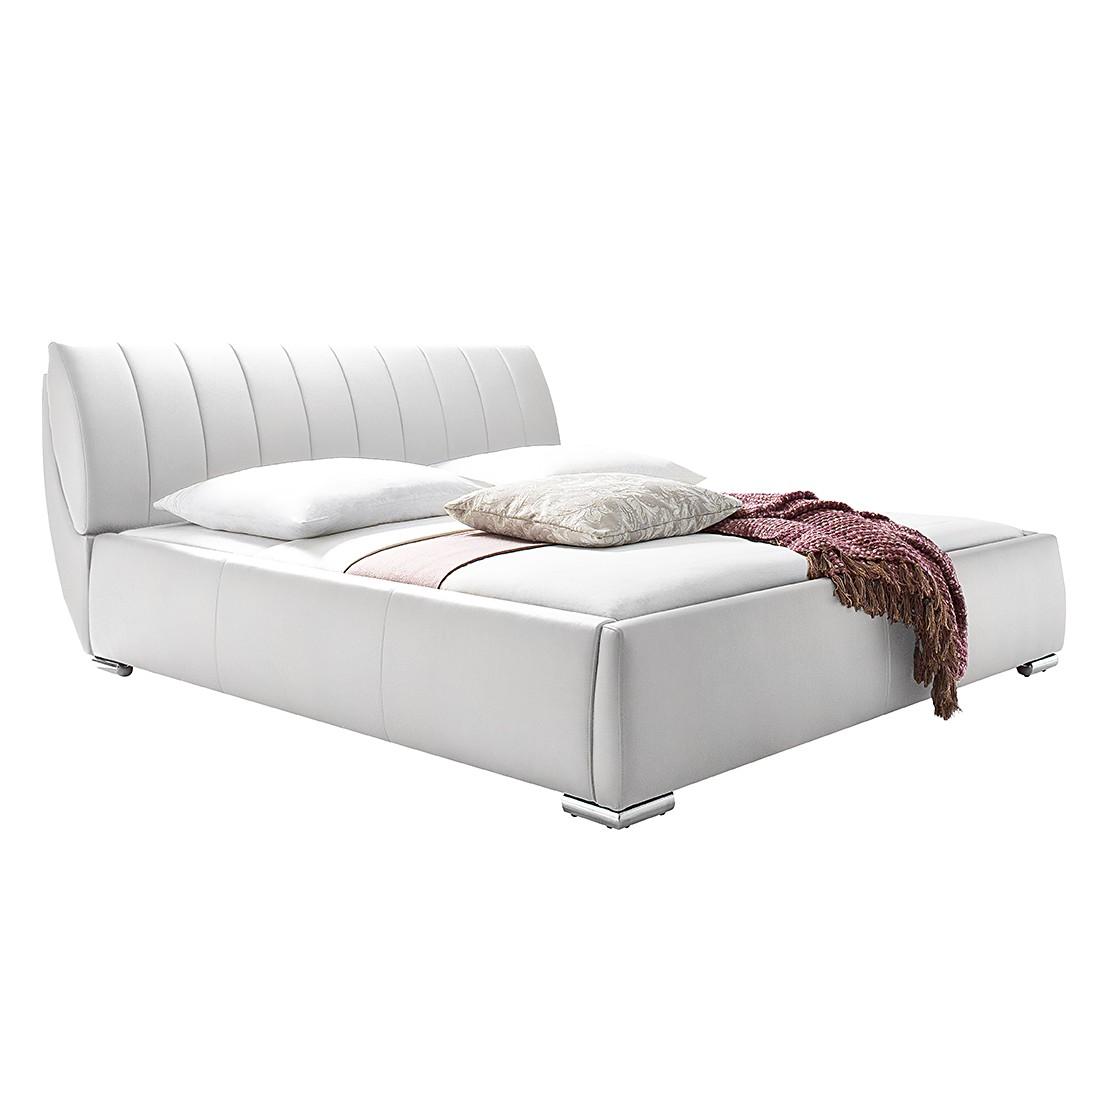 Polsterbett Bern - Kunstleder - 180 x 200cm - Mit Matratze - Weiß, meise möbel